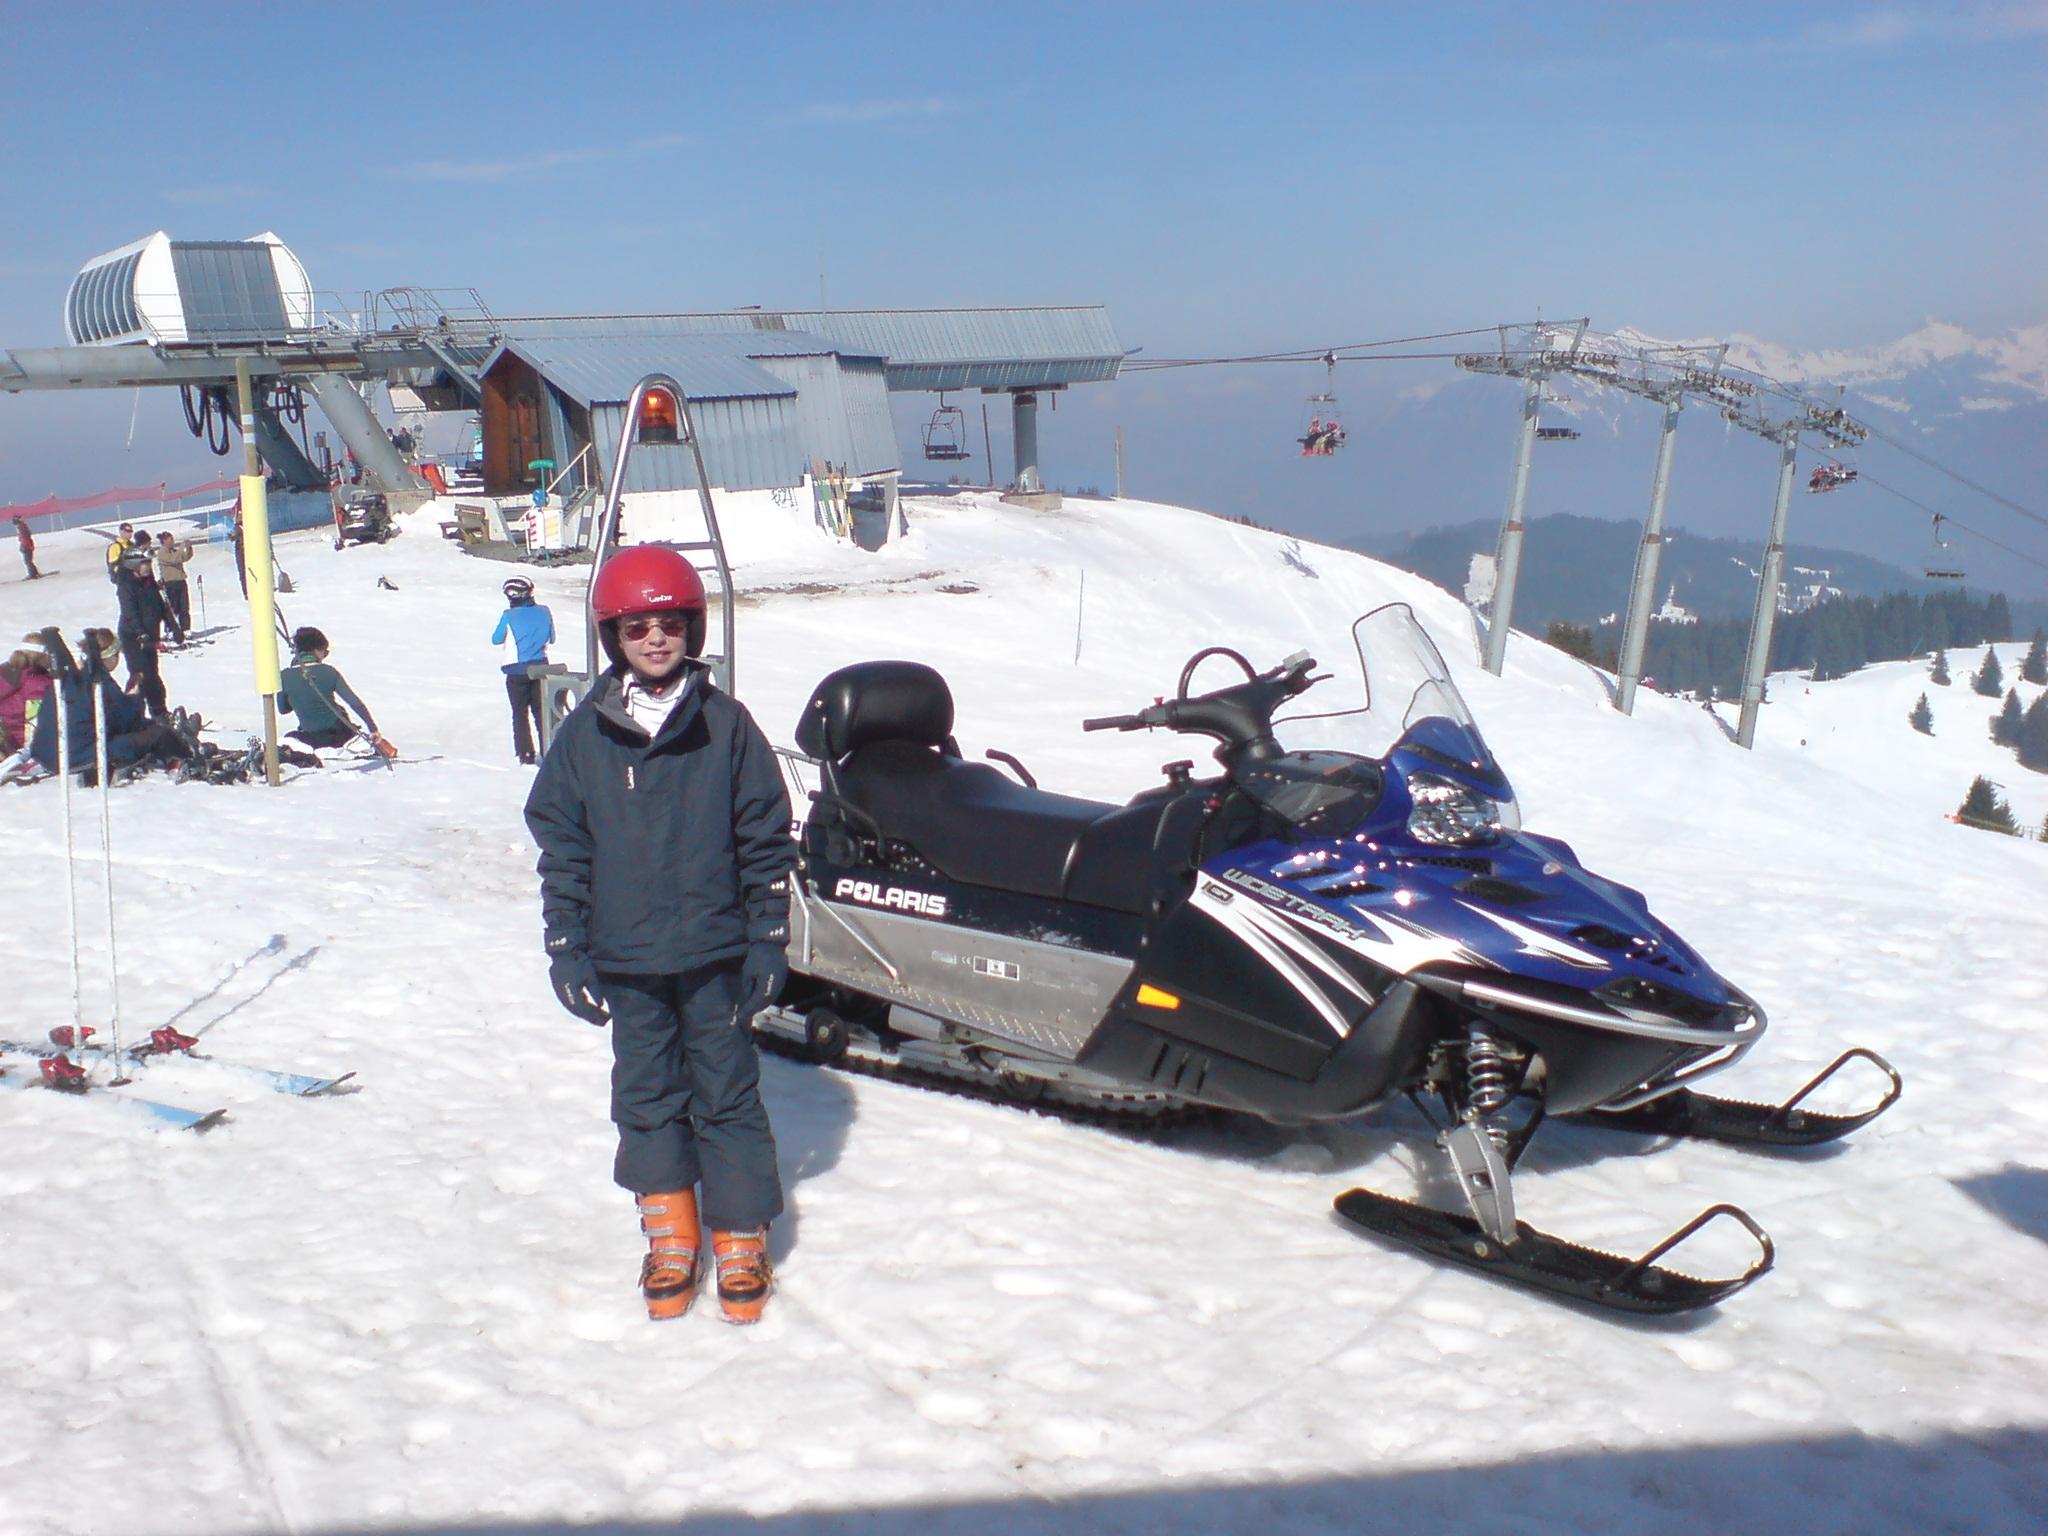 Snowmobile on snowy mountain